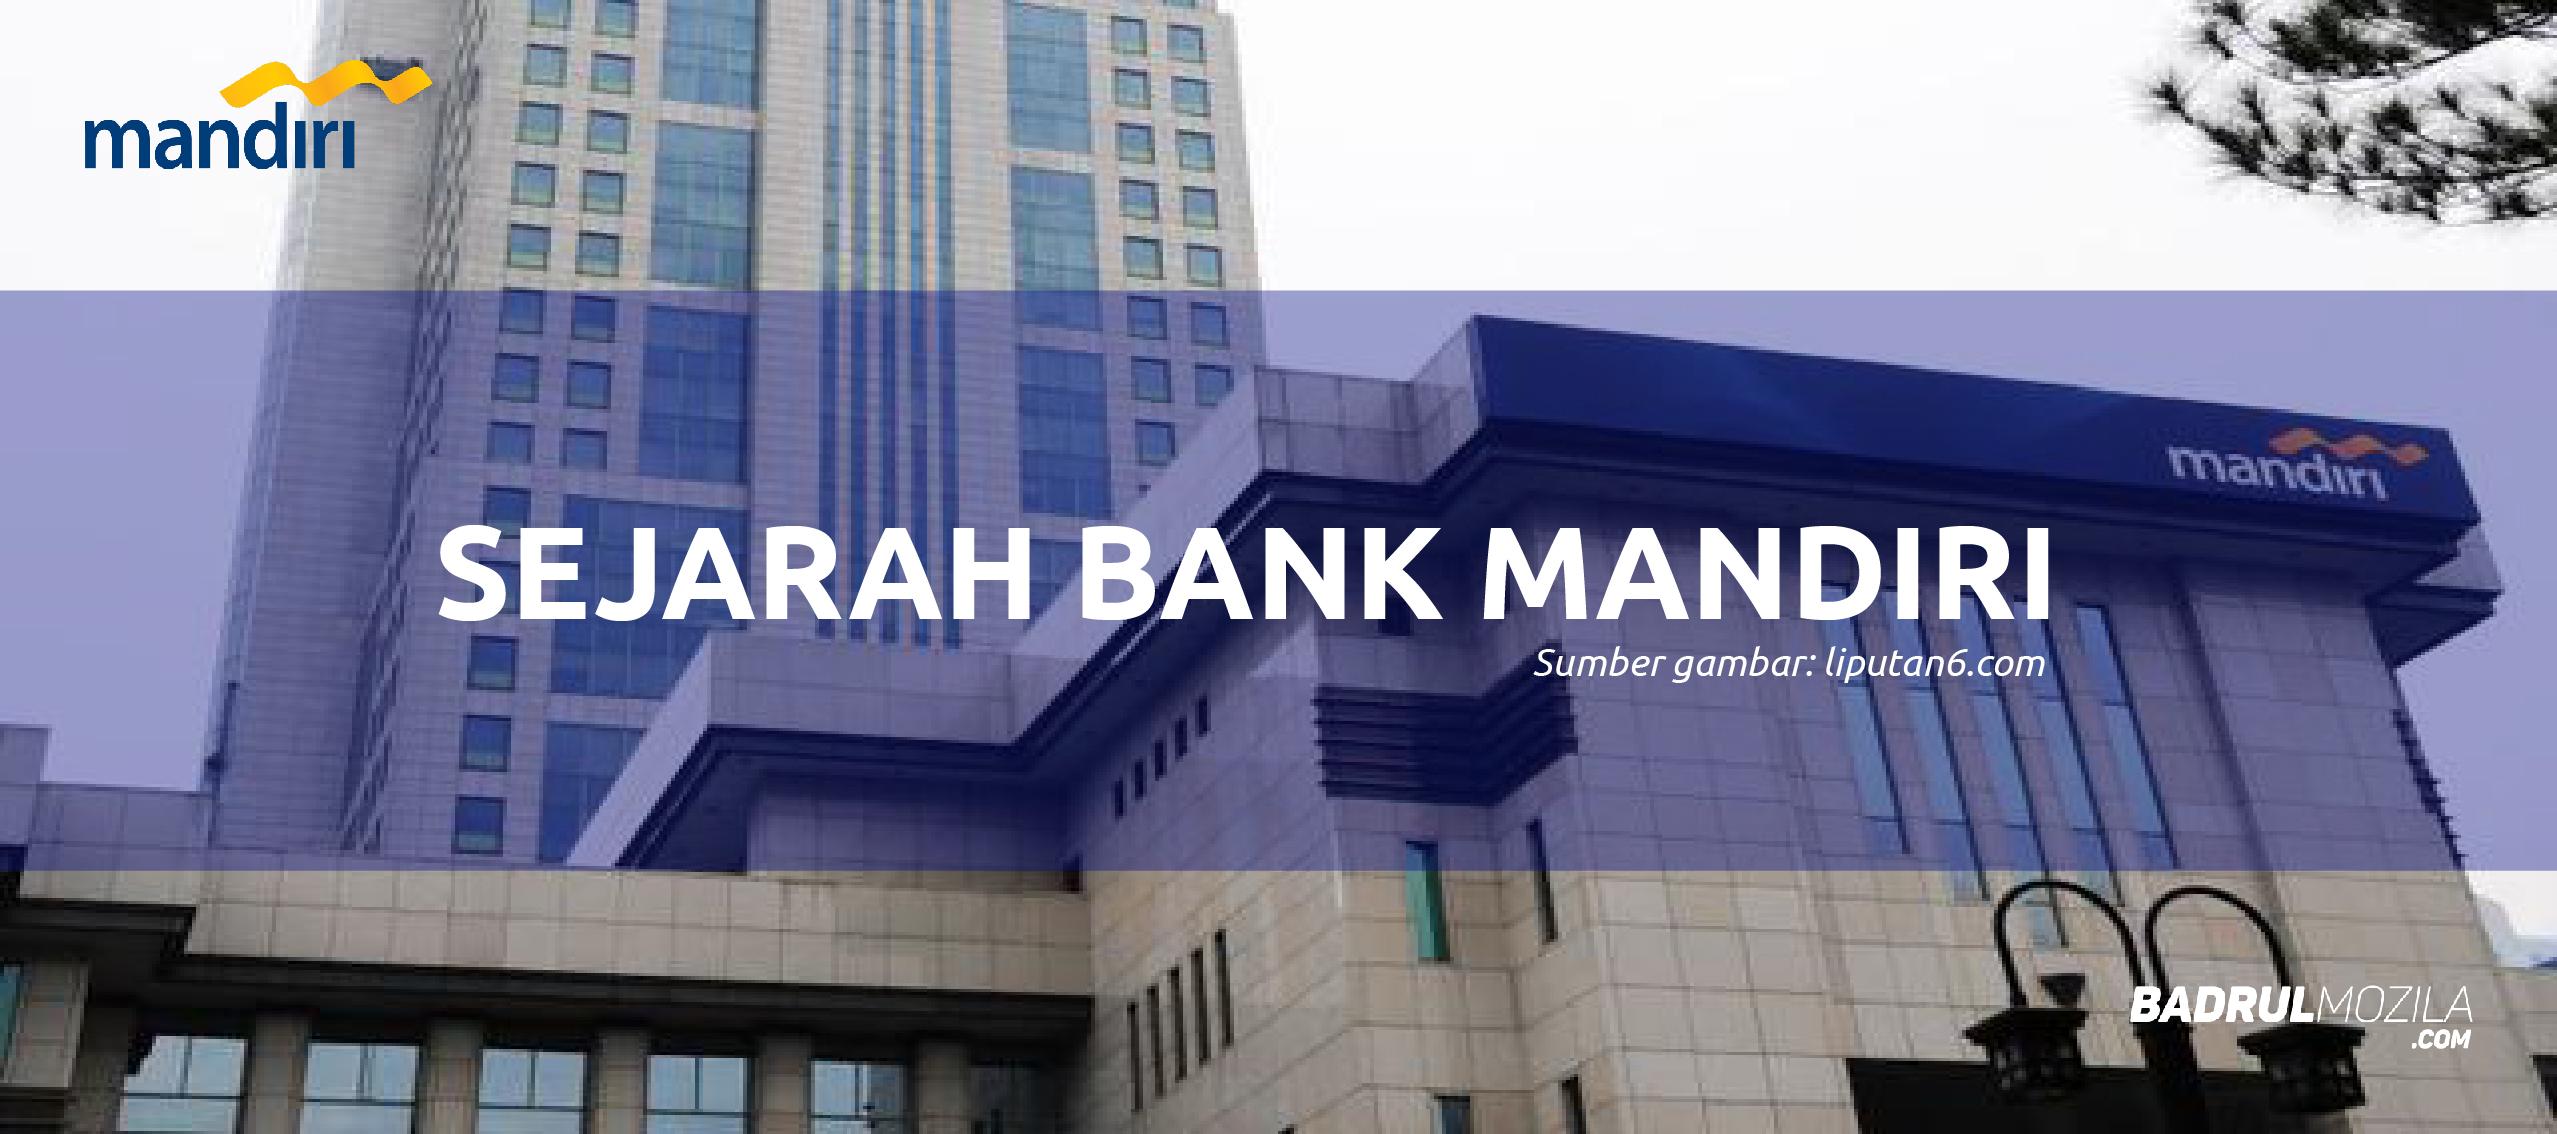 Sejarah Bank Mandiri Sebagai Perusahaan Perbankan Terbesar dan Terbaik di Indonesia